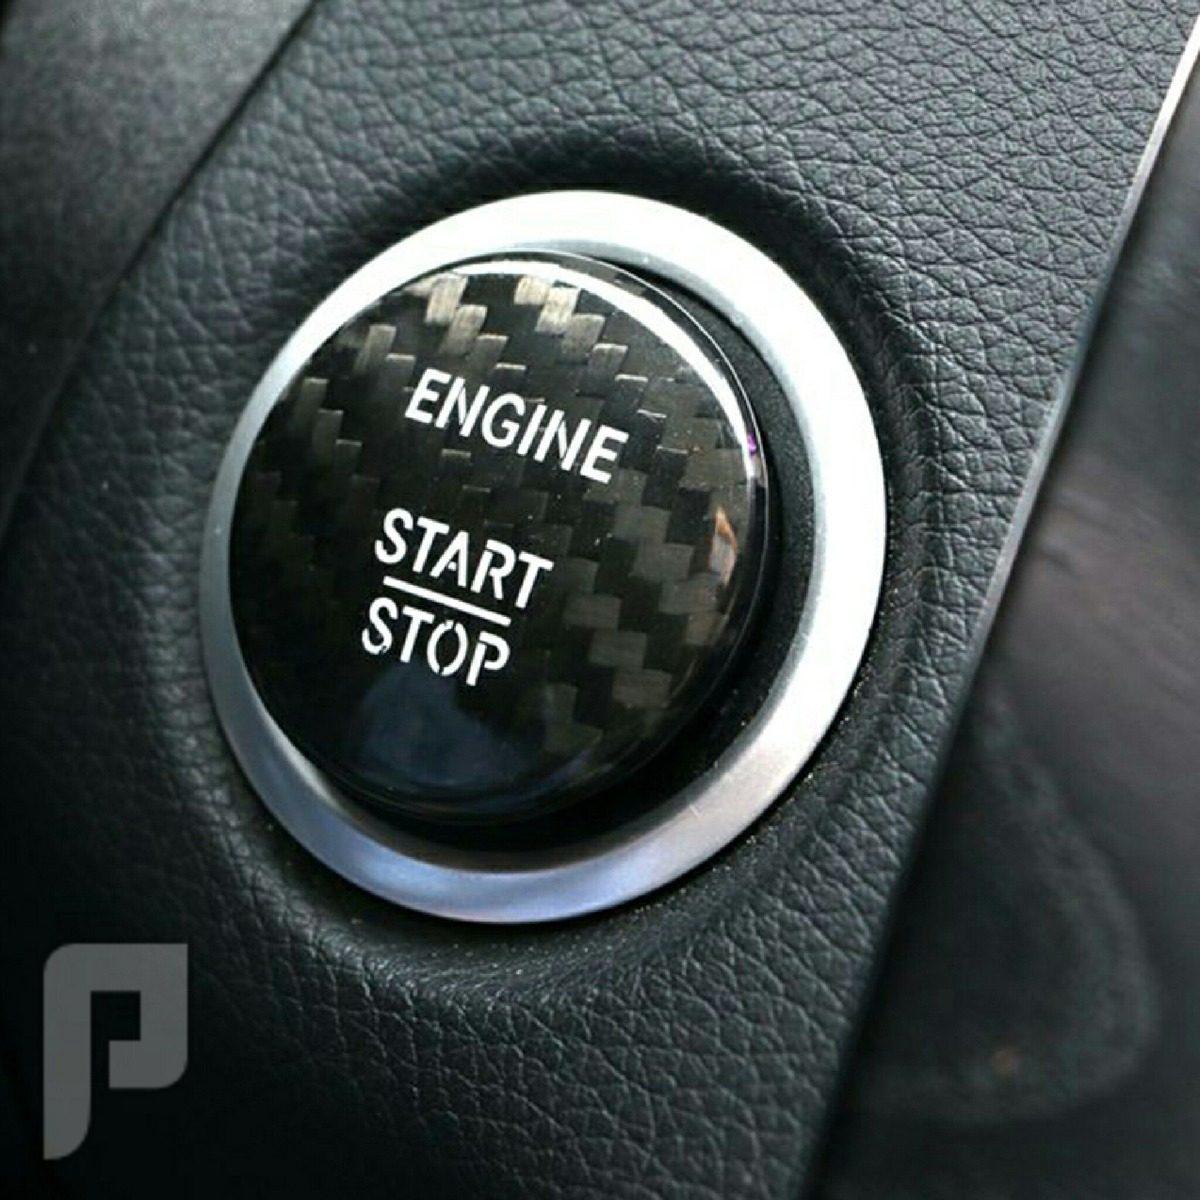 جهاز تشغيل السيارة بالبصمة مع جهاز انذار ضد السرقة